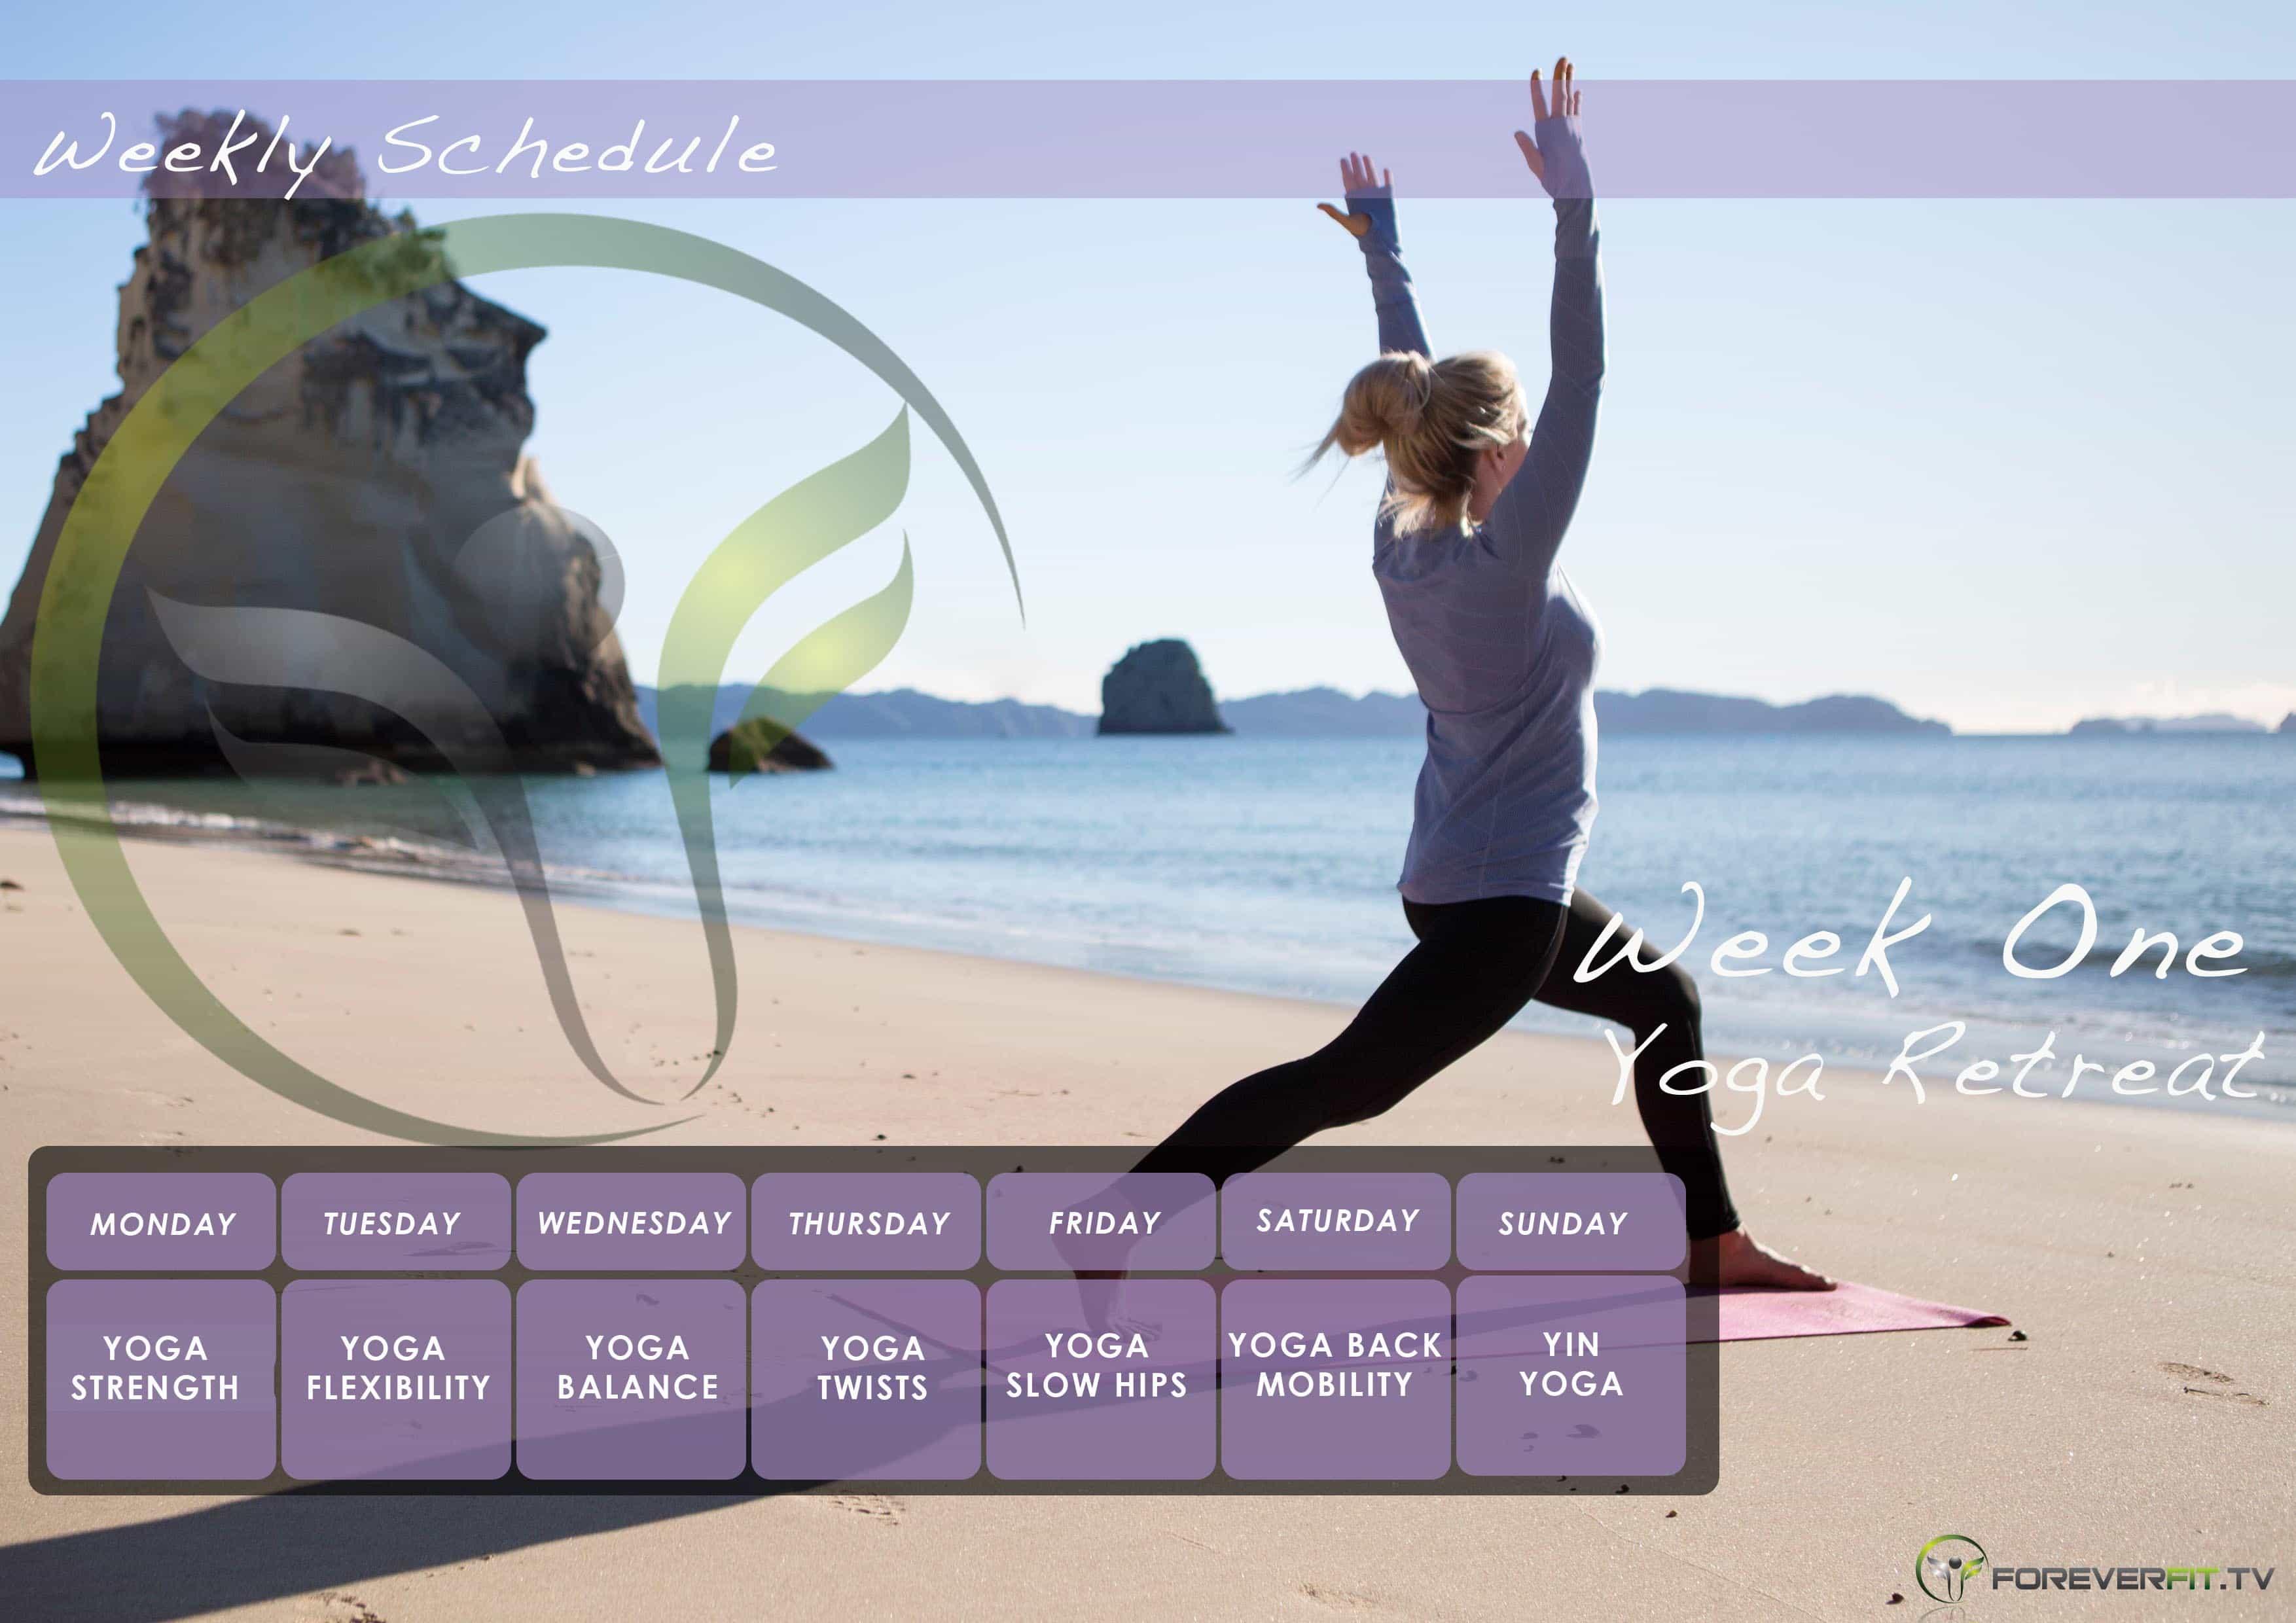 Week 1 yoga plan